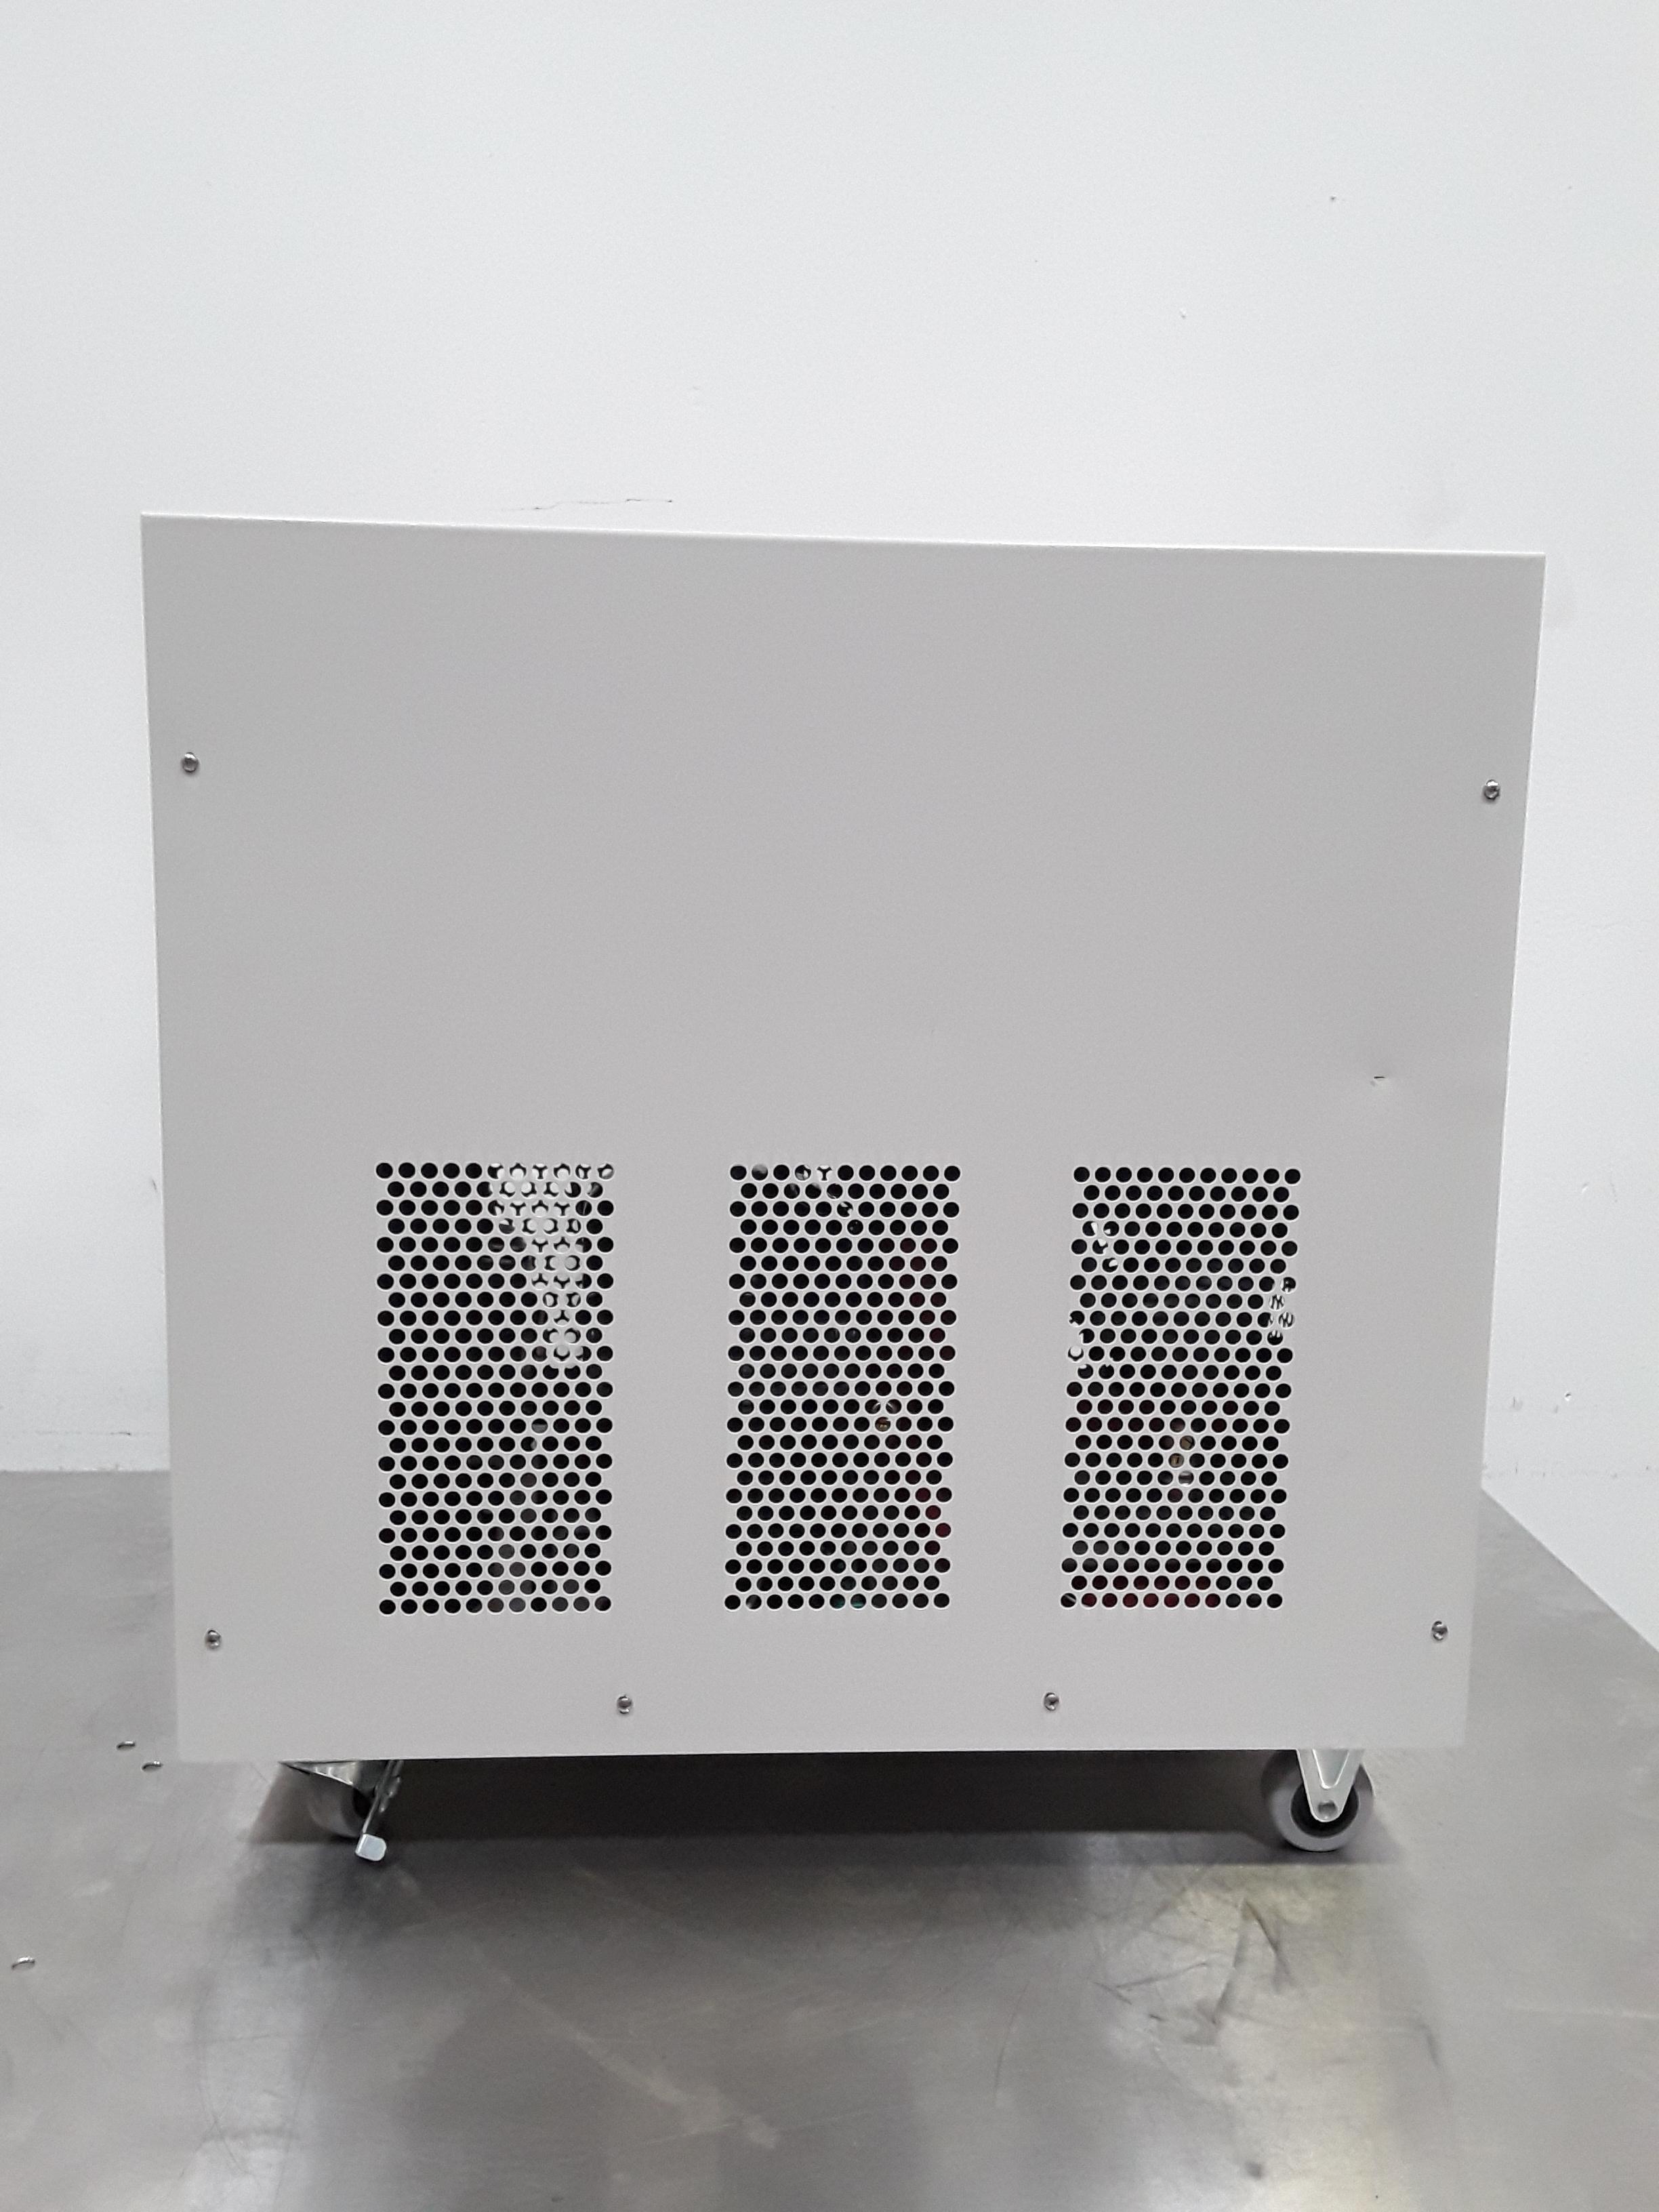 Image THERMO SCIENTIFIC ThermoChill II Recirculating Chiller 1420069